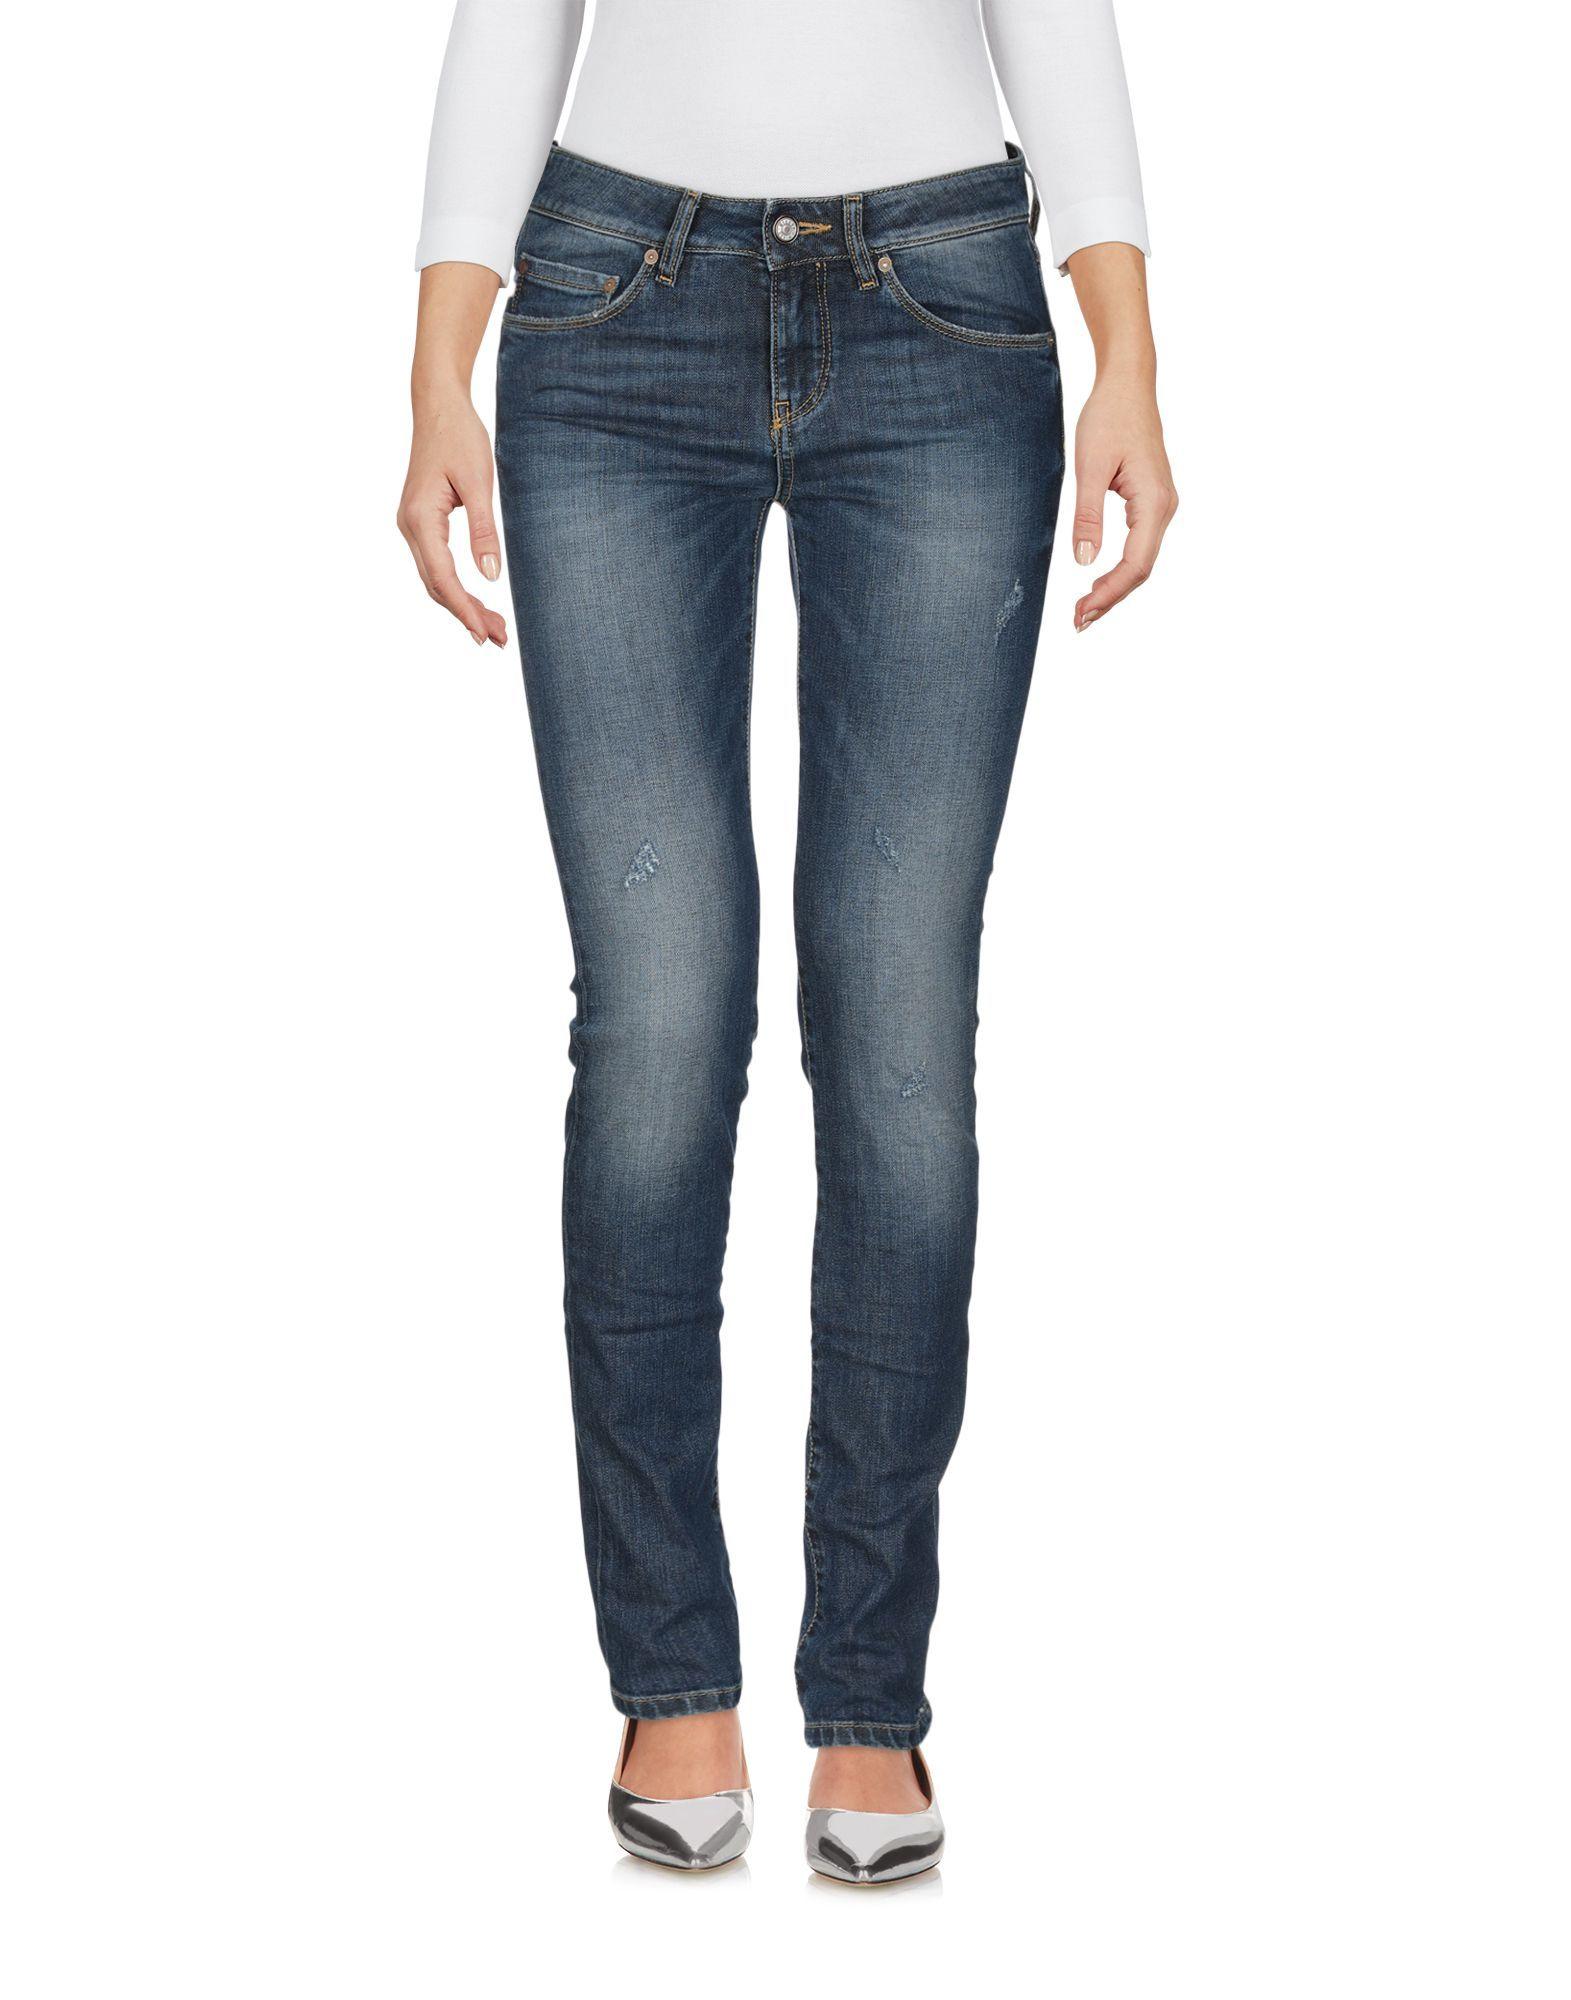 Blauer Blue Cotton Jeans